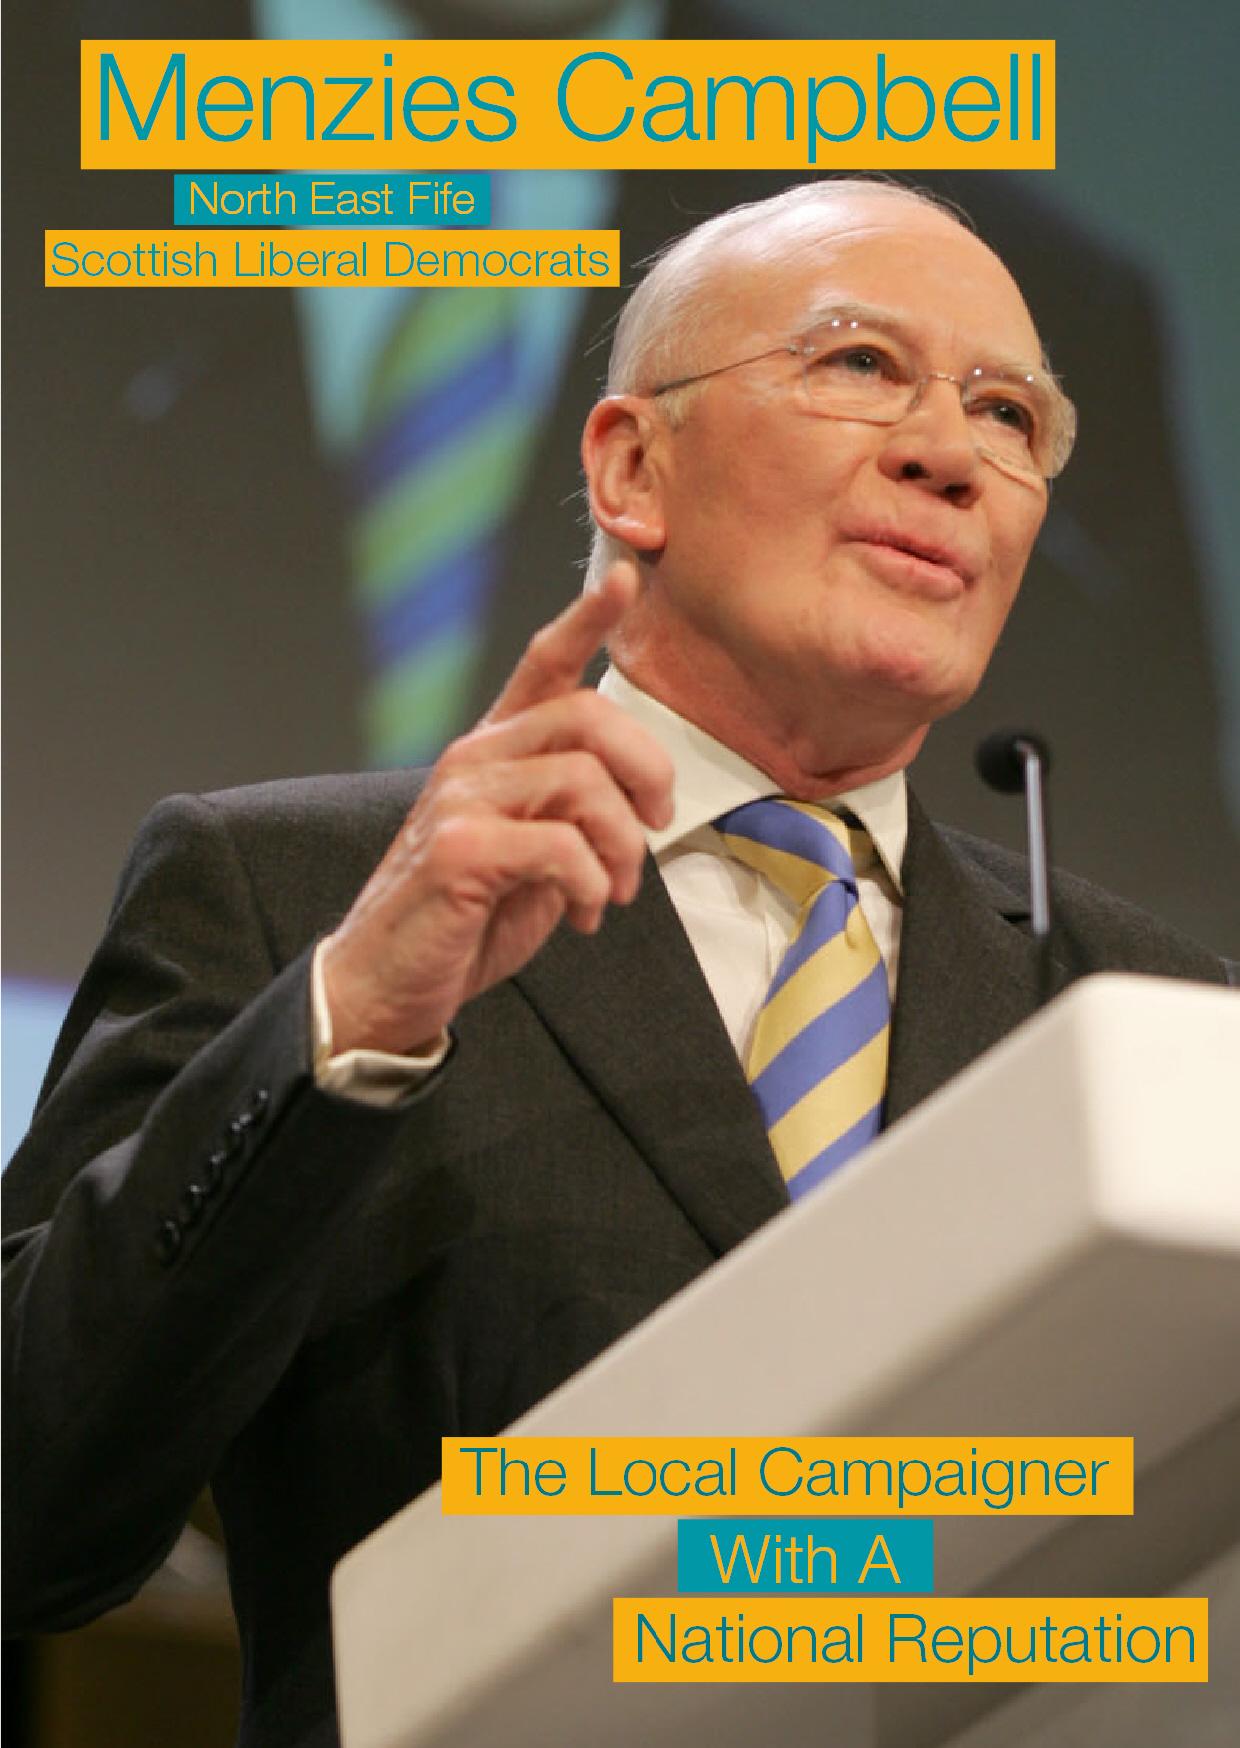 mc-campaign